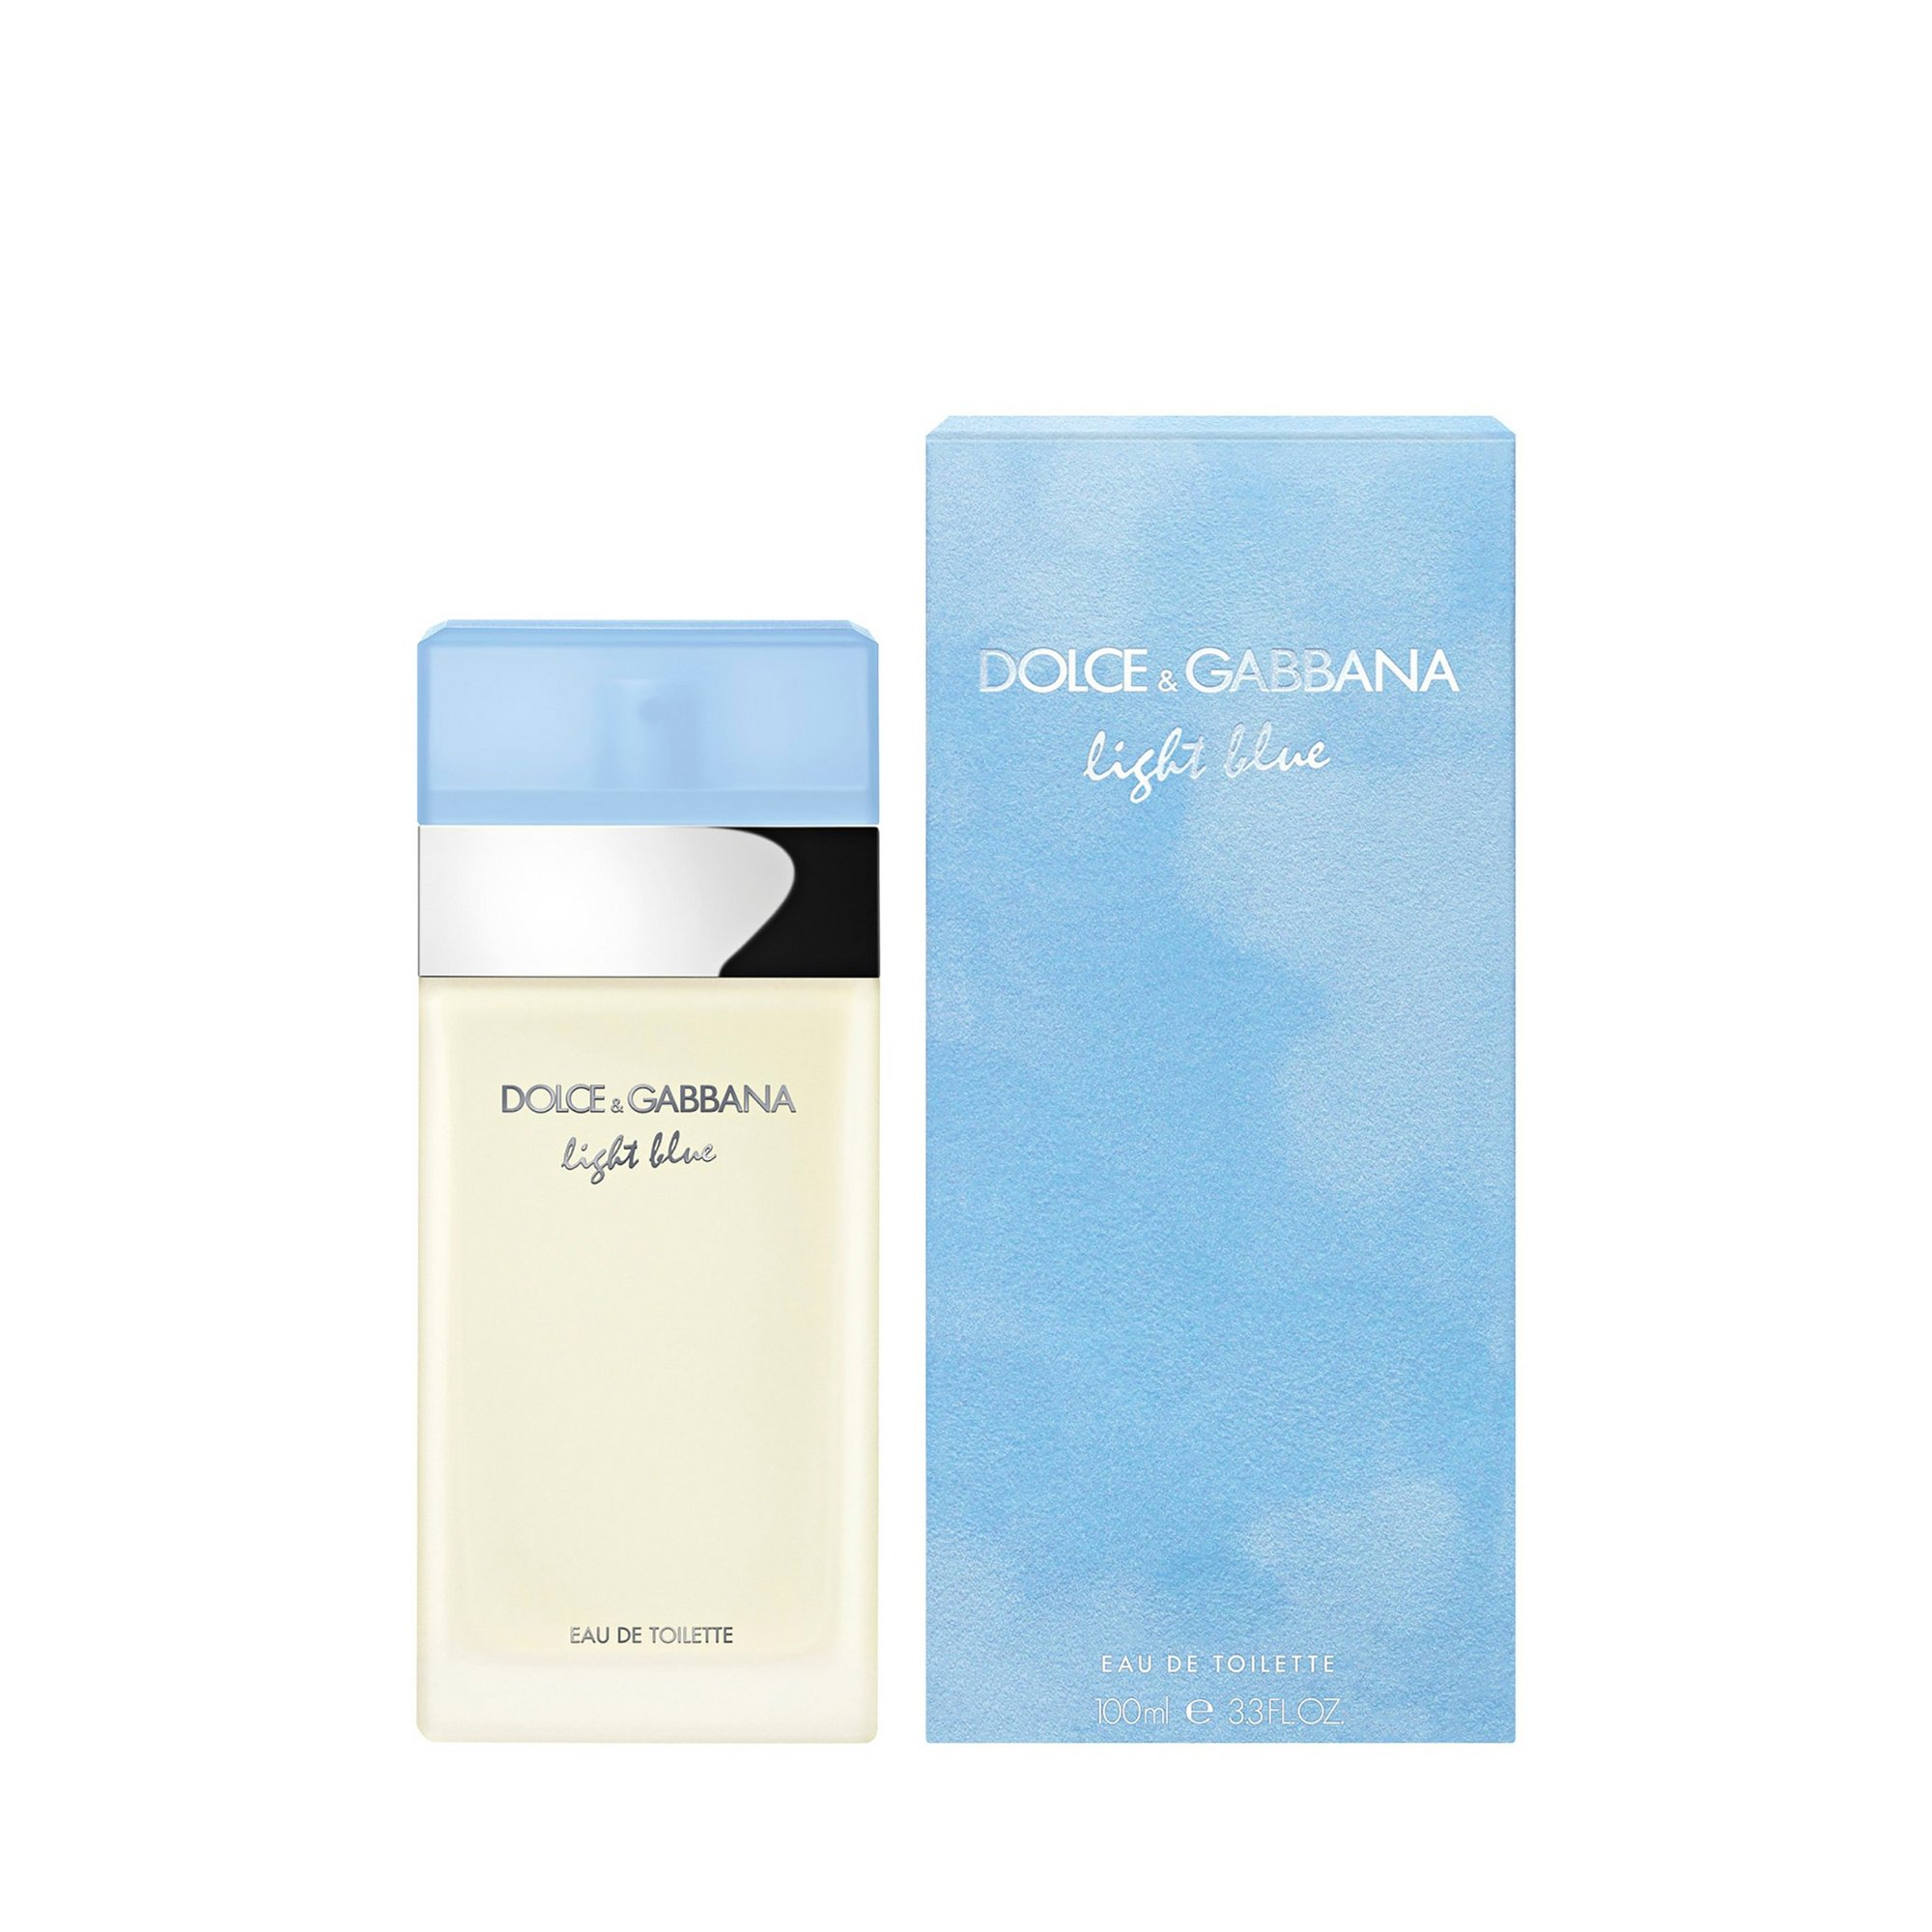 Image of Dolce and Gabbana Light Blue Eau De Toilette